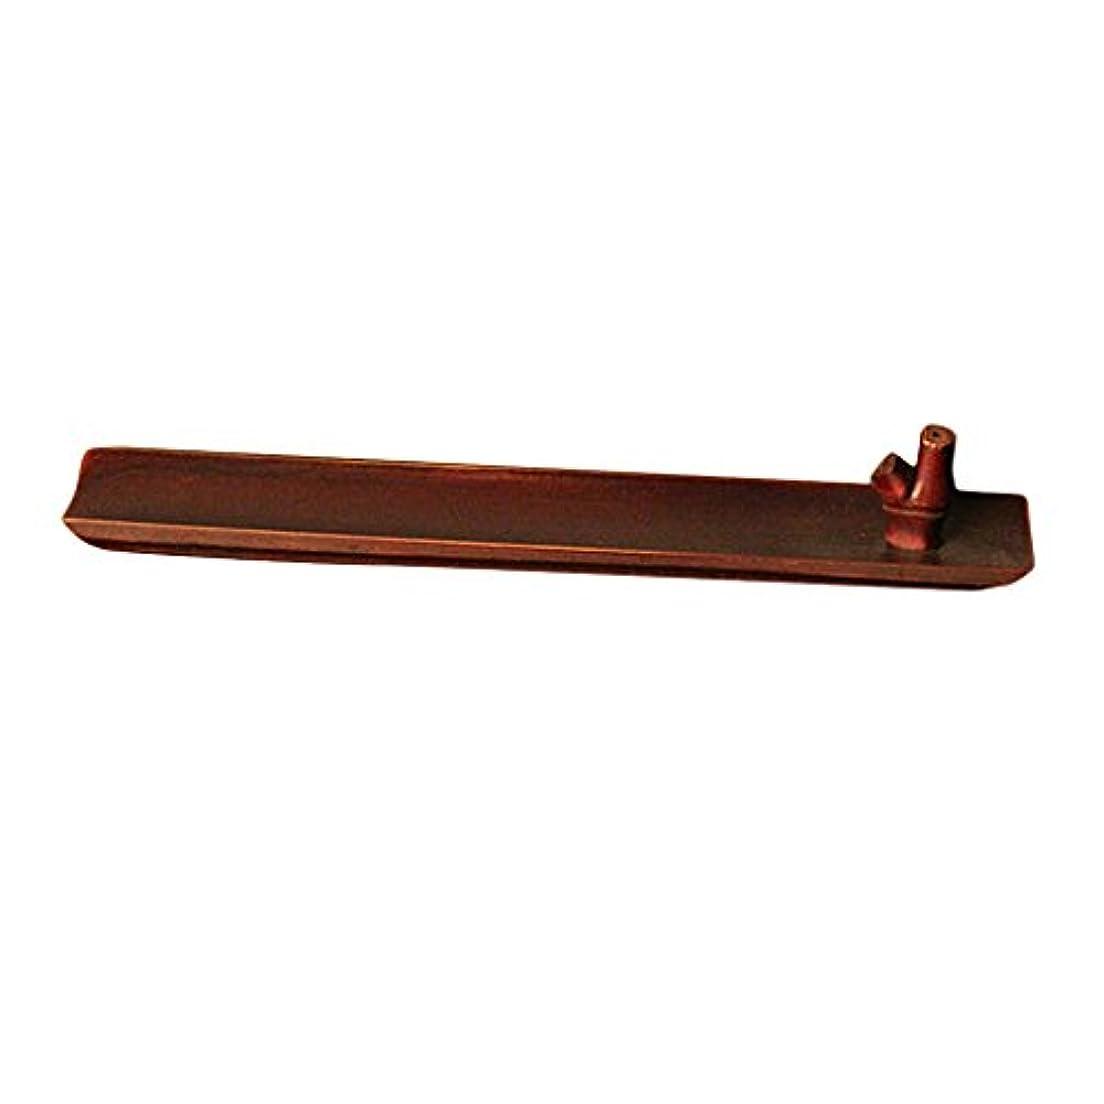 周囲広がりに向かって仏壇用香炉用品 竹 お香立て スティック 香り バーナーホルダー アッシュキャッチャー